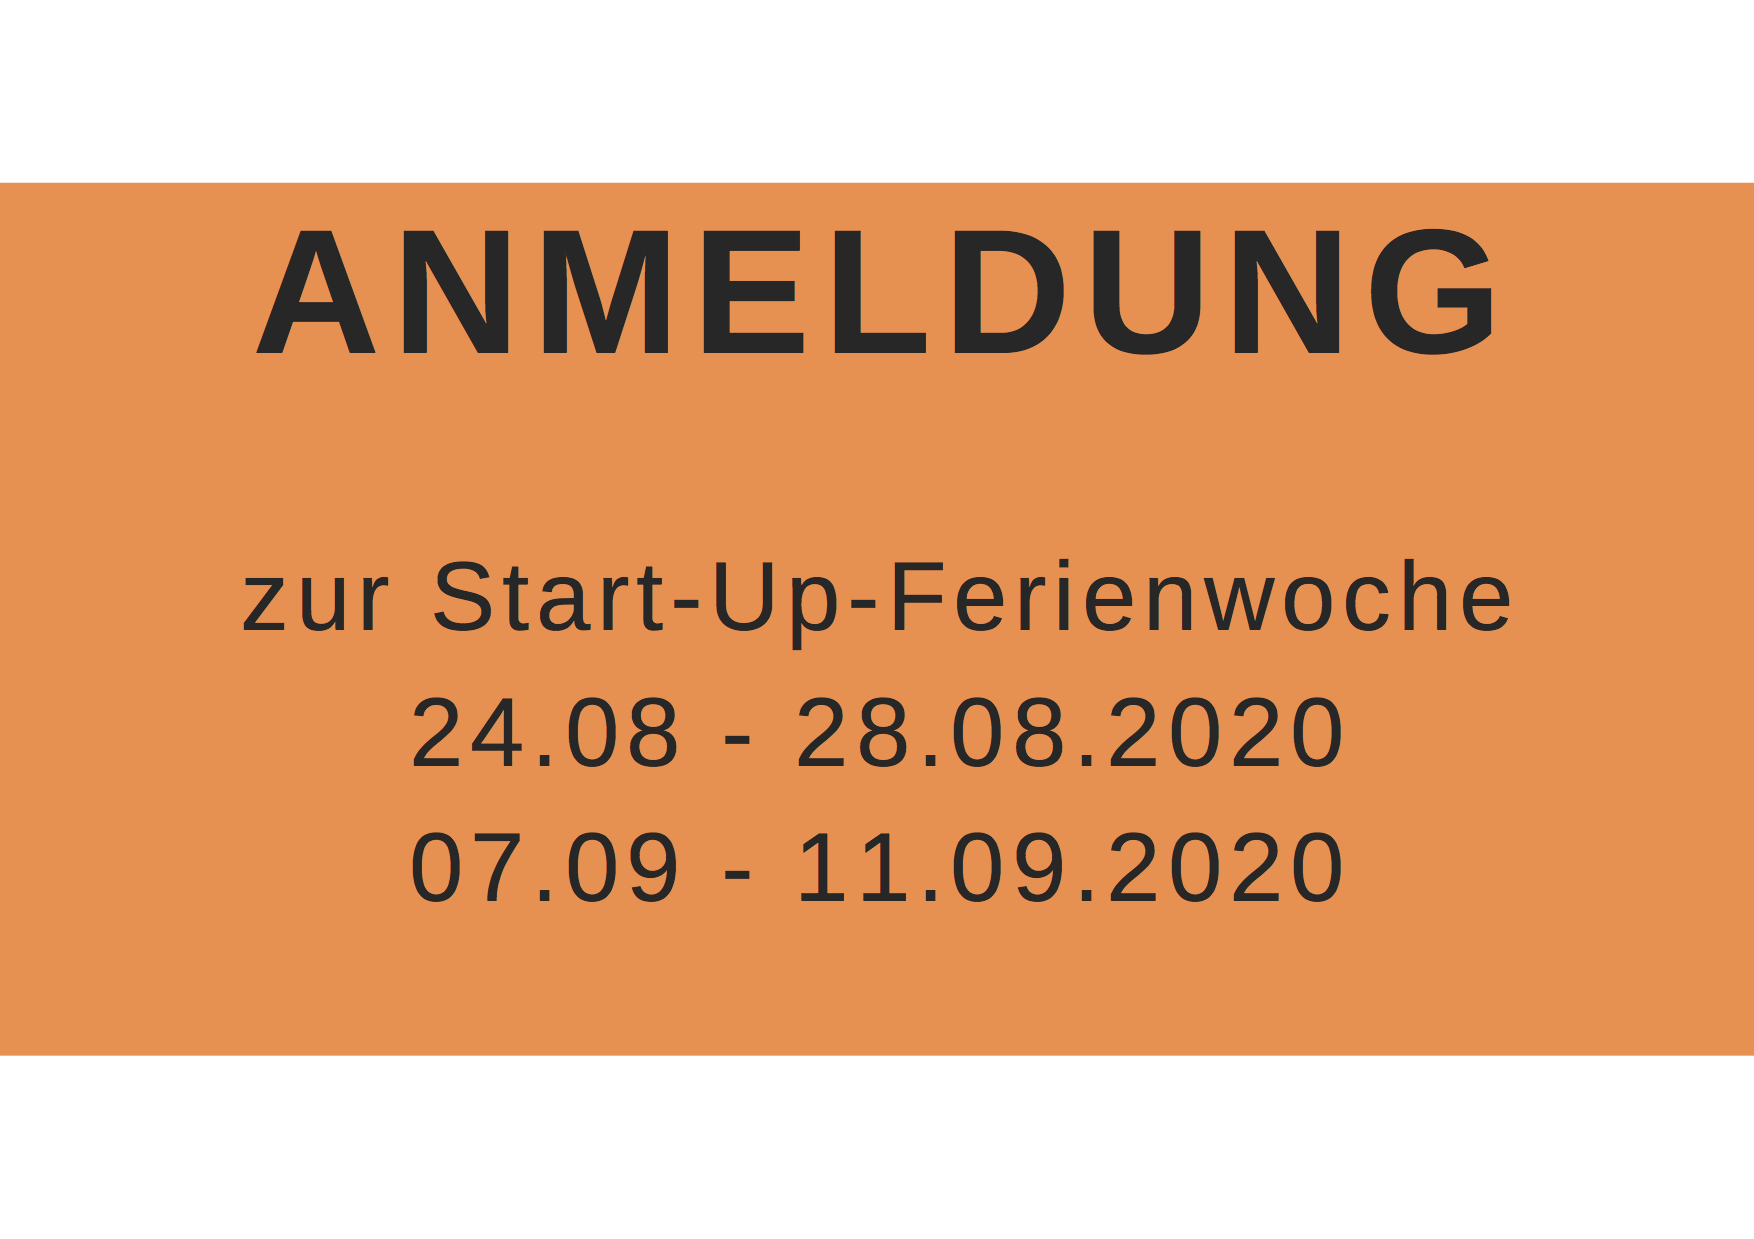 Anmeldung Start-up-Ferienwochen in Stuttgart/Feuerbach